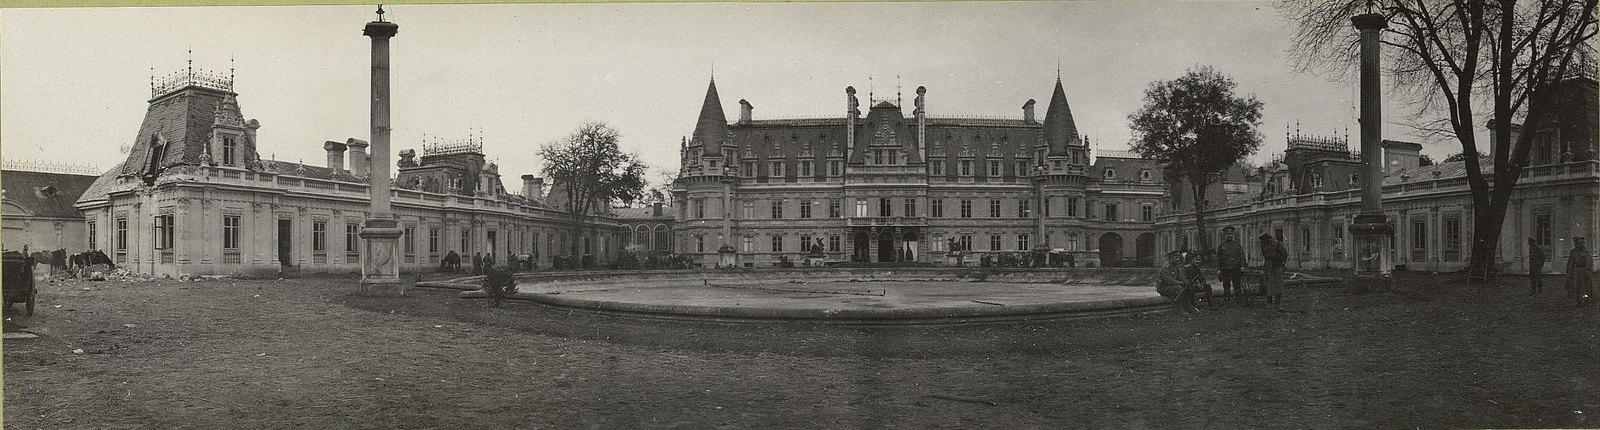 82. Дворец в Козеницах, пробитый русскими снарядами во время пребывания в нём германского штаба